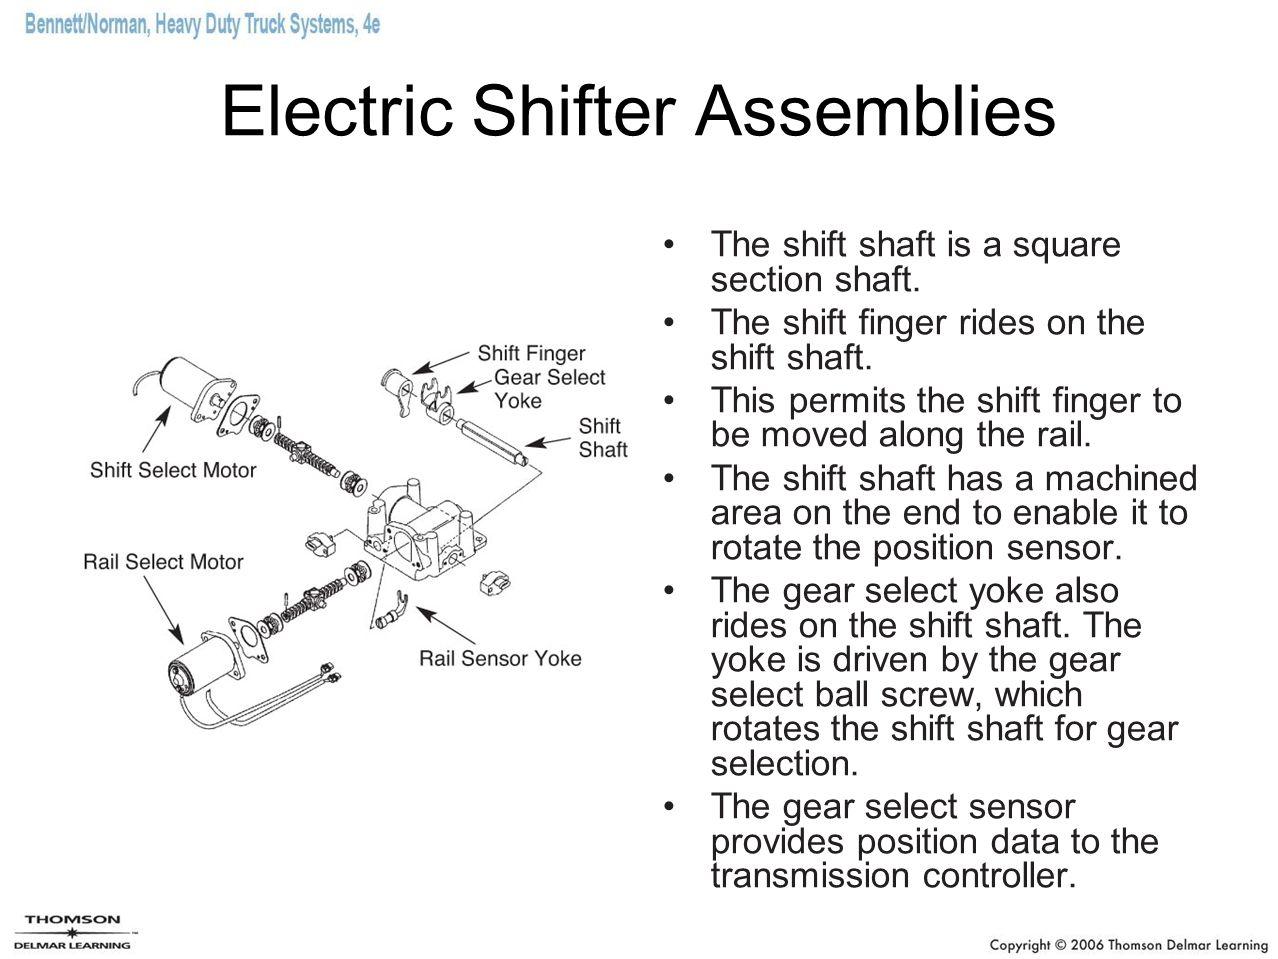 Electric Shifter Assemblies